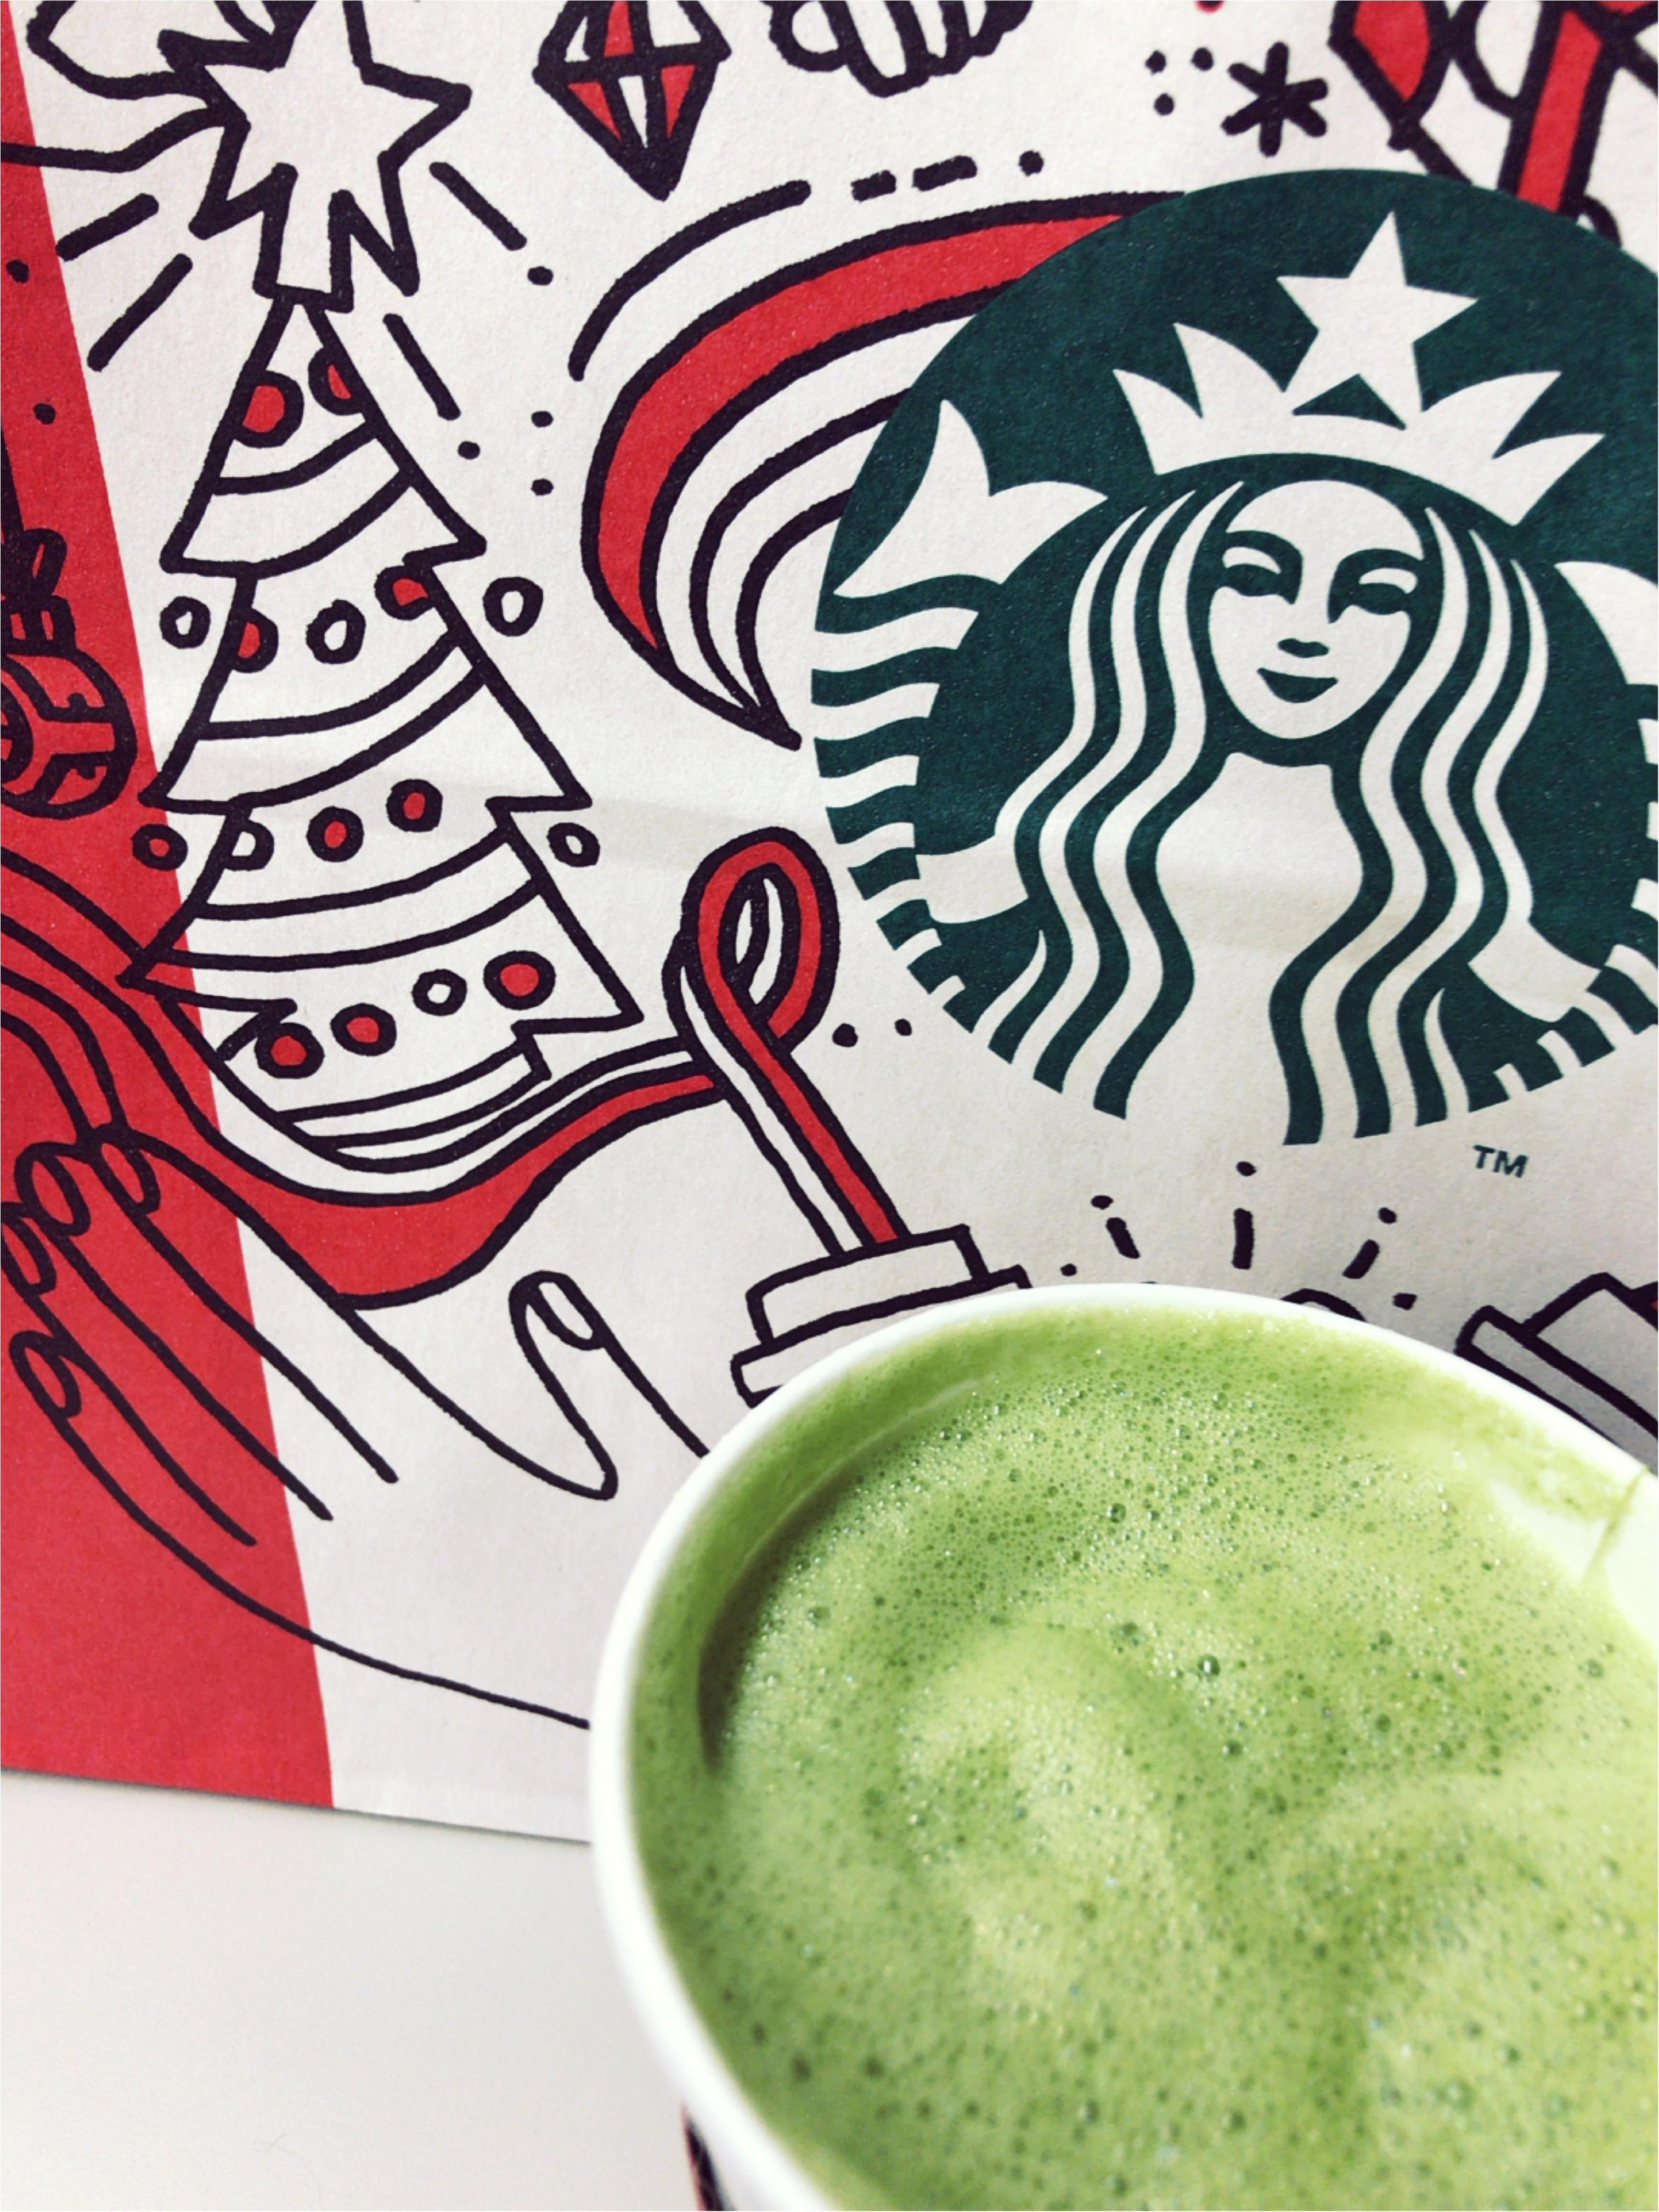 【スタバ】12/6 START♡期間限定♡ 大人気の抹茶フラペチーノがレベルアップしたような最高にクリーミーな抹茶♡_1